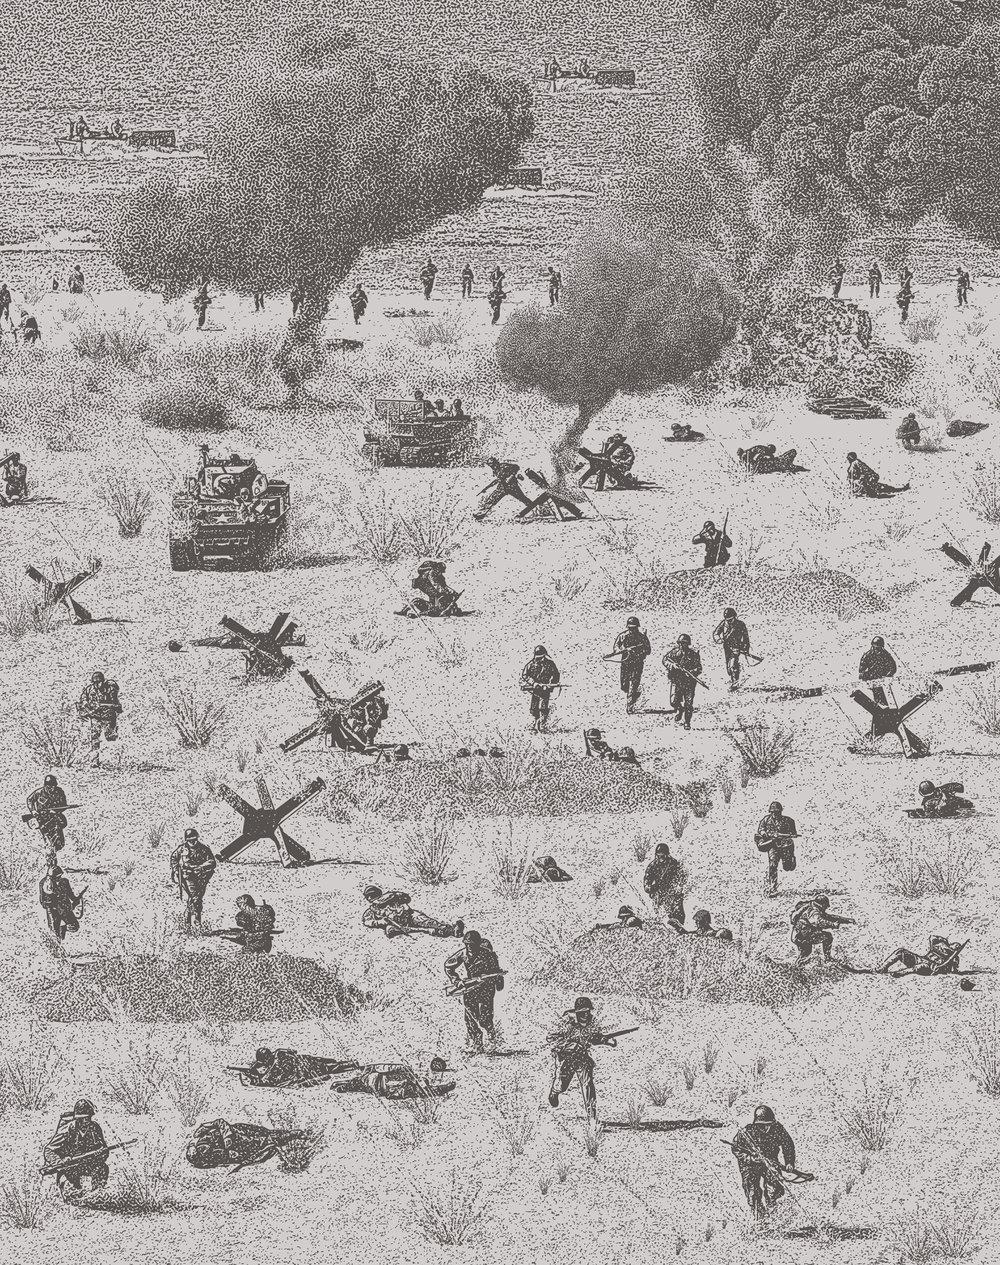 D-Day. Omaha Beach.